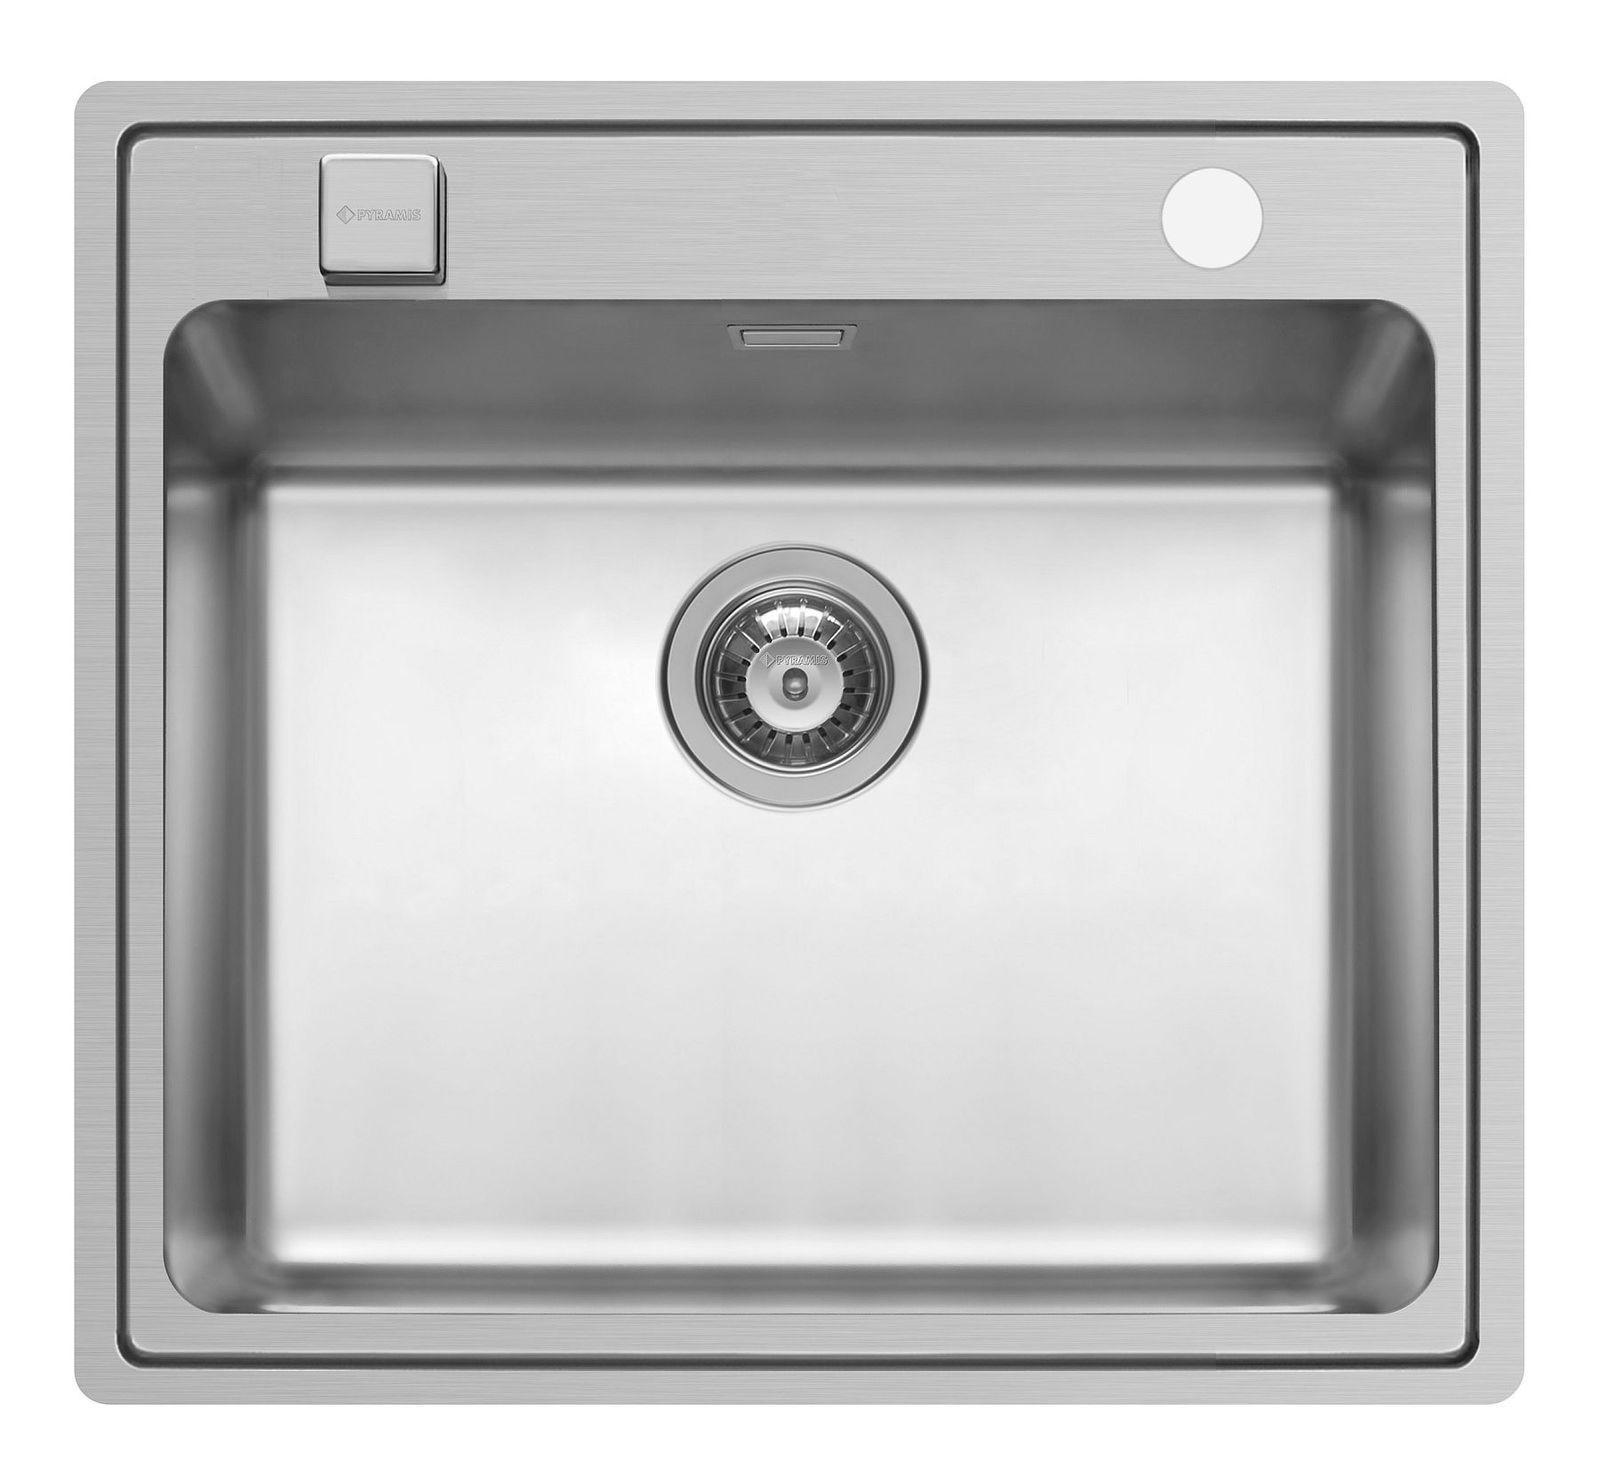 Tolle Drop In Edelstahl Küchenspülen Bilder - Küchenschrank Ideen ...